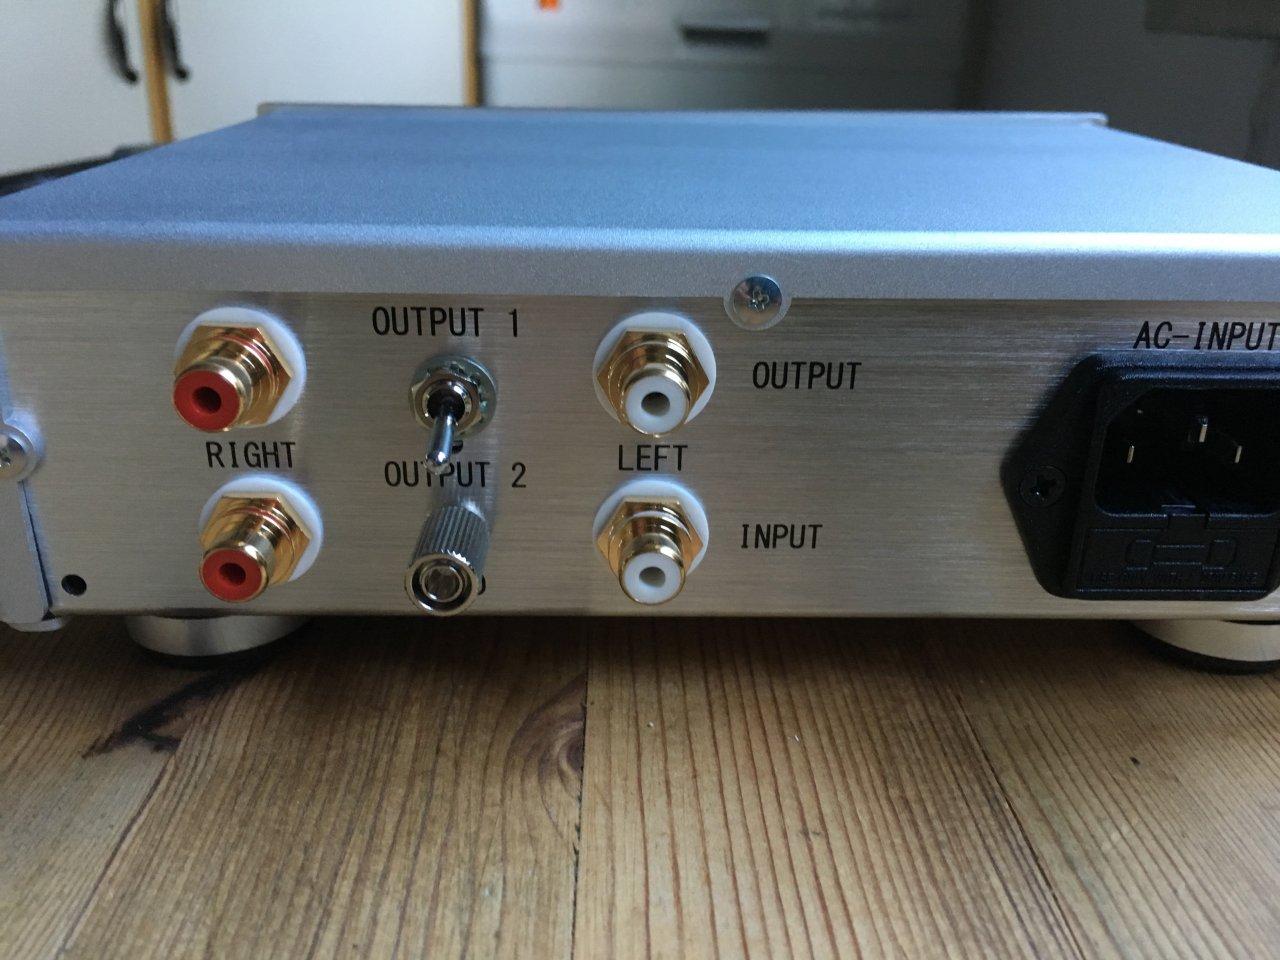 839A05DA-17E9-4181-9D63-A521CFAAC82A.jpeg